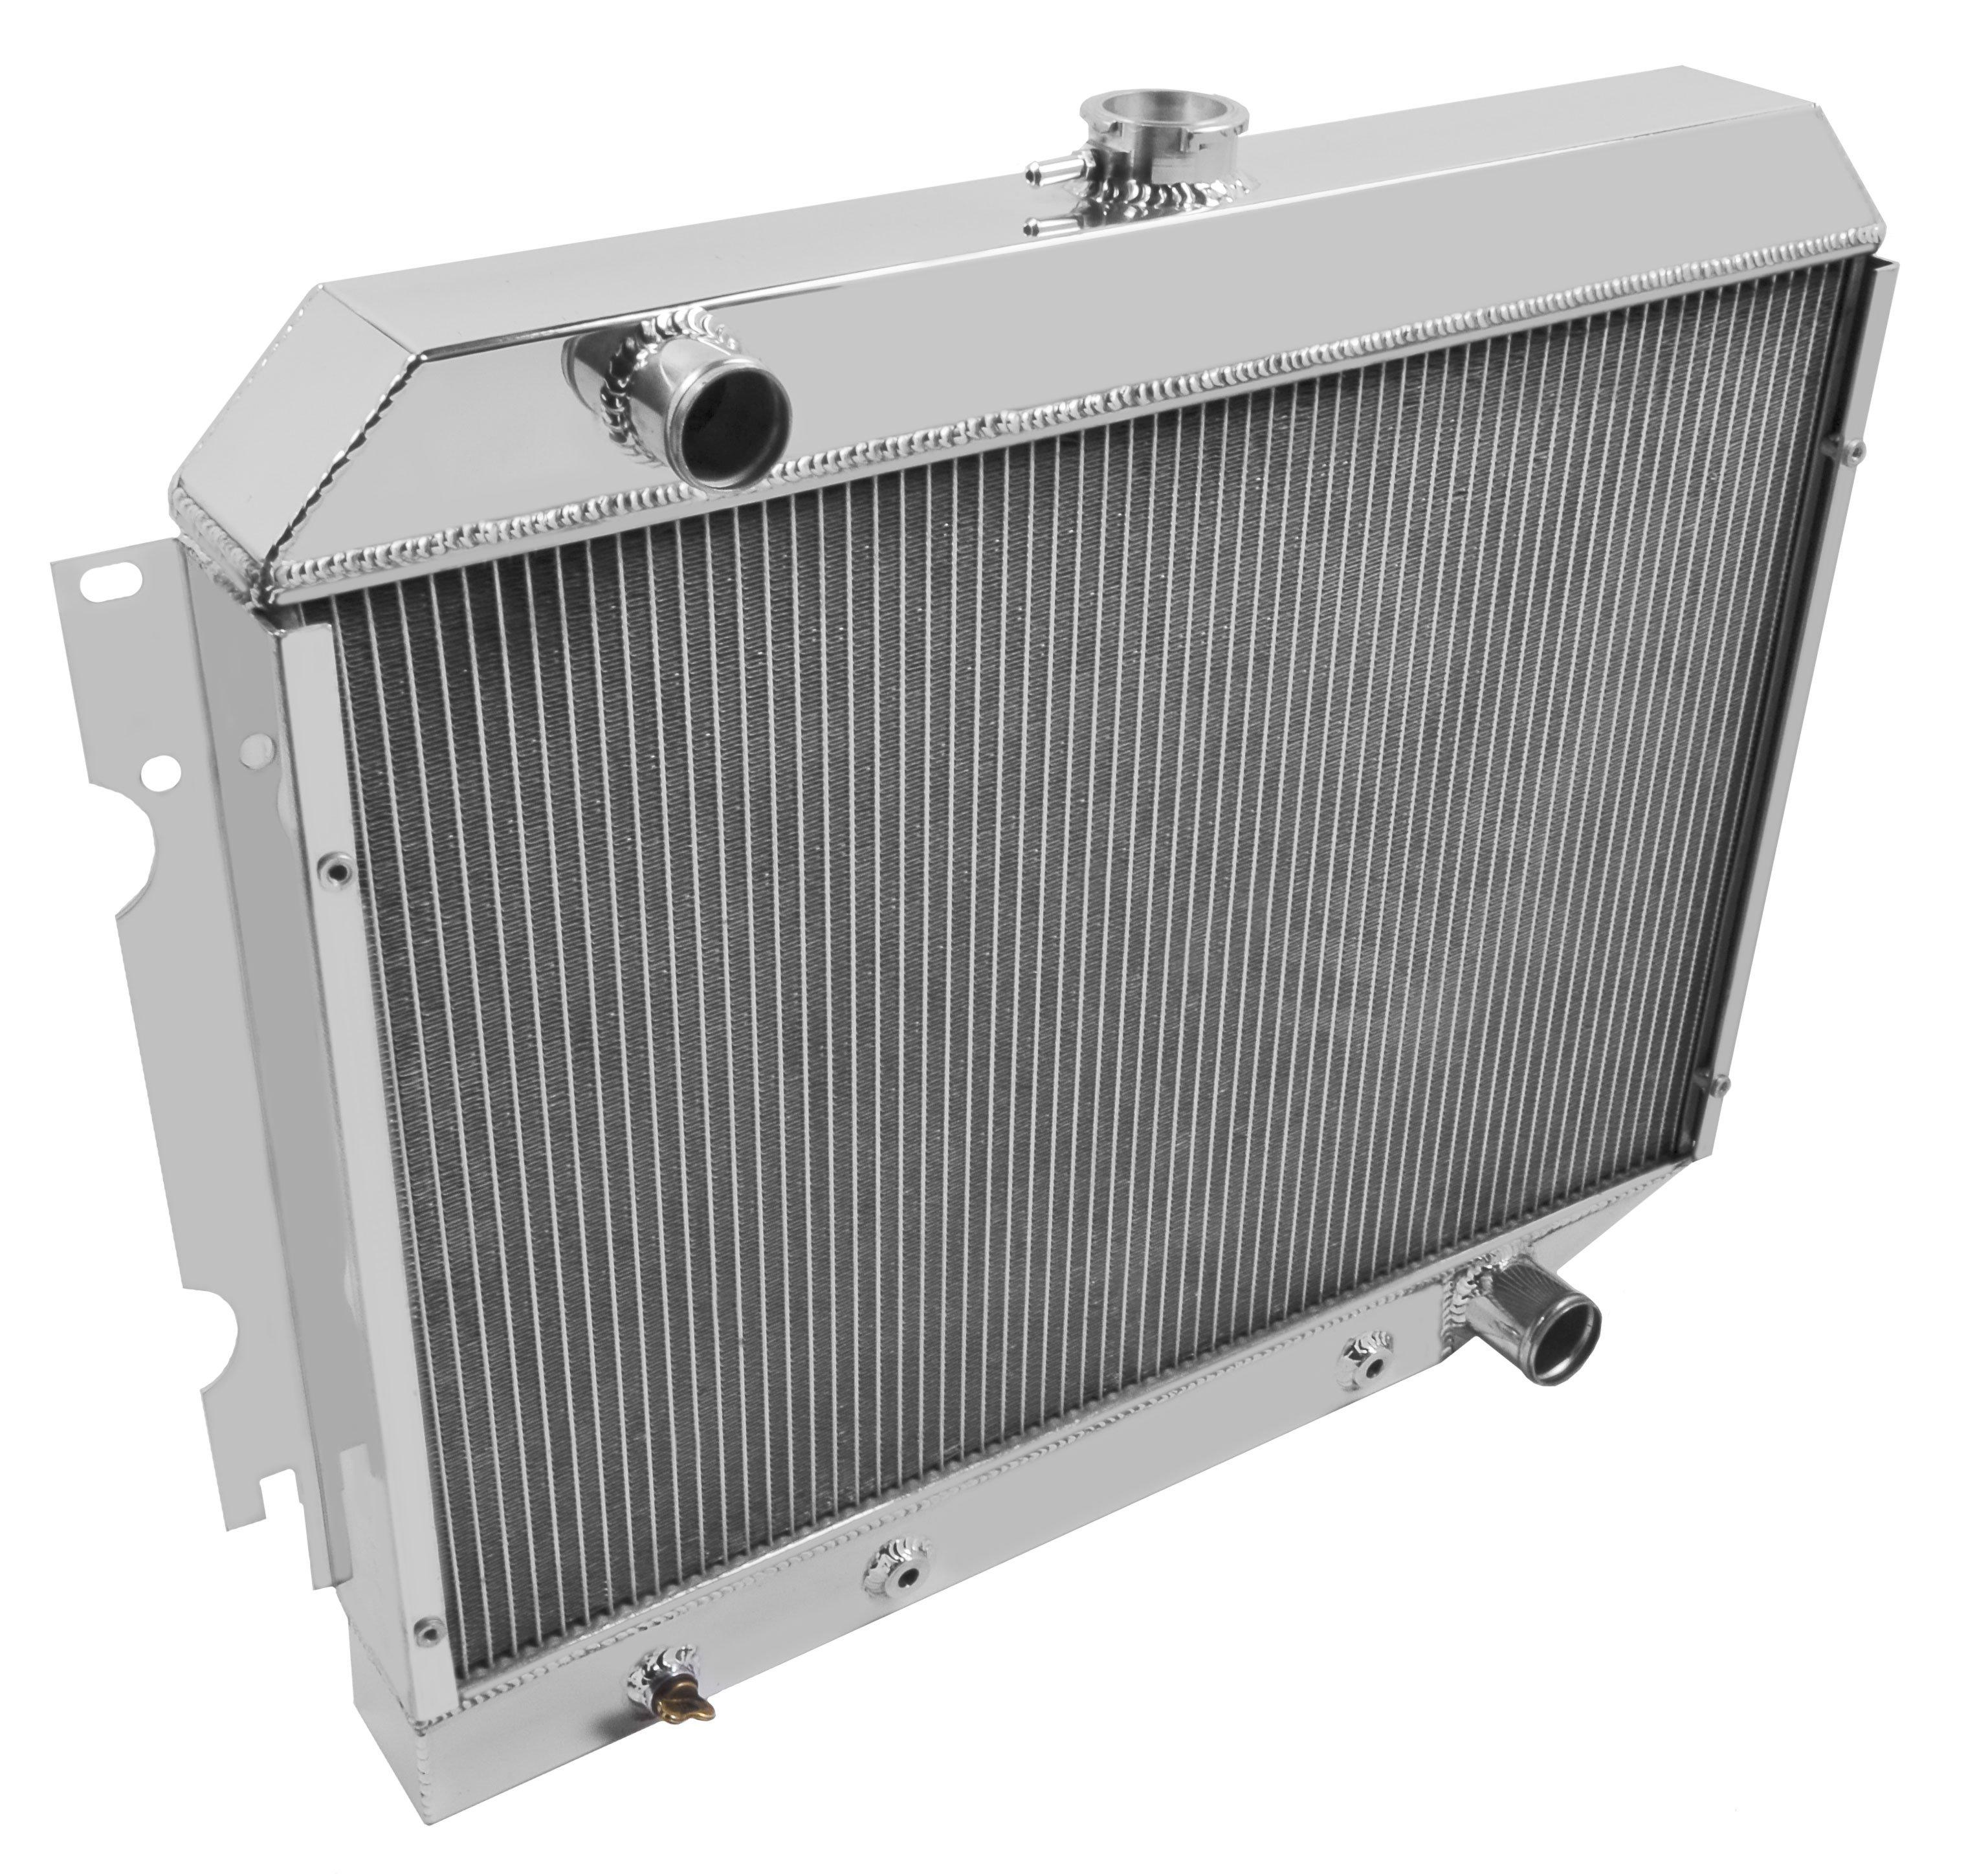 Frostbite Aluminum Radiator - 2 Row